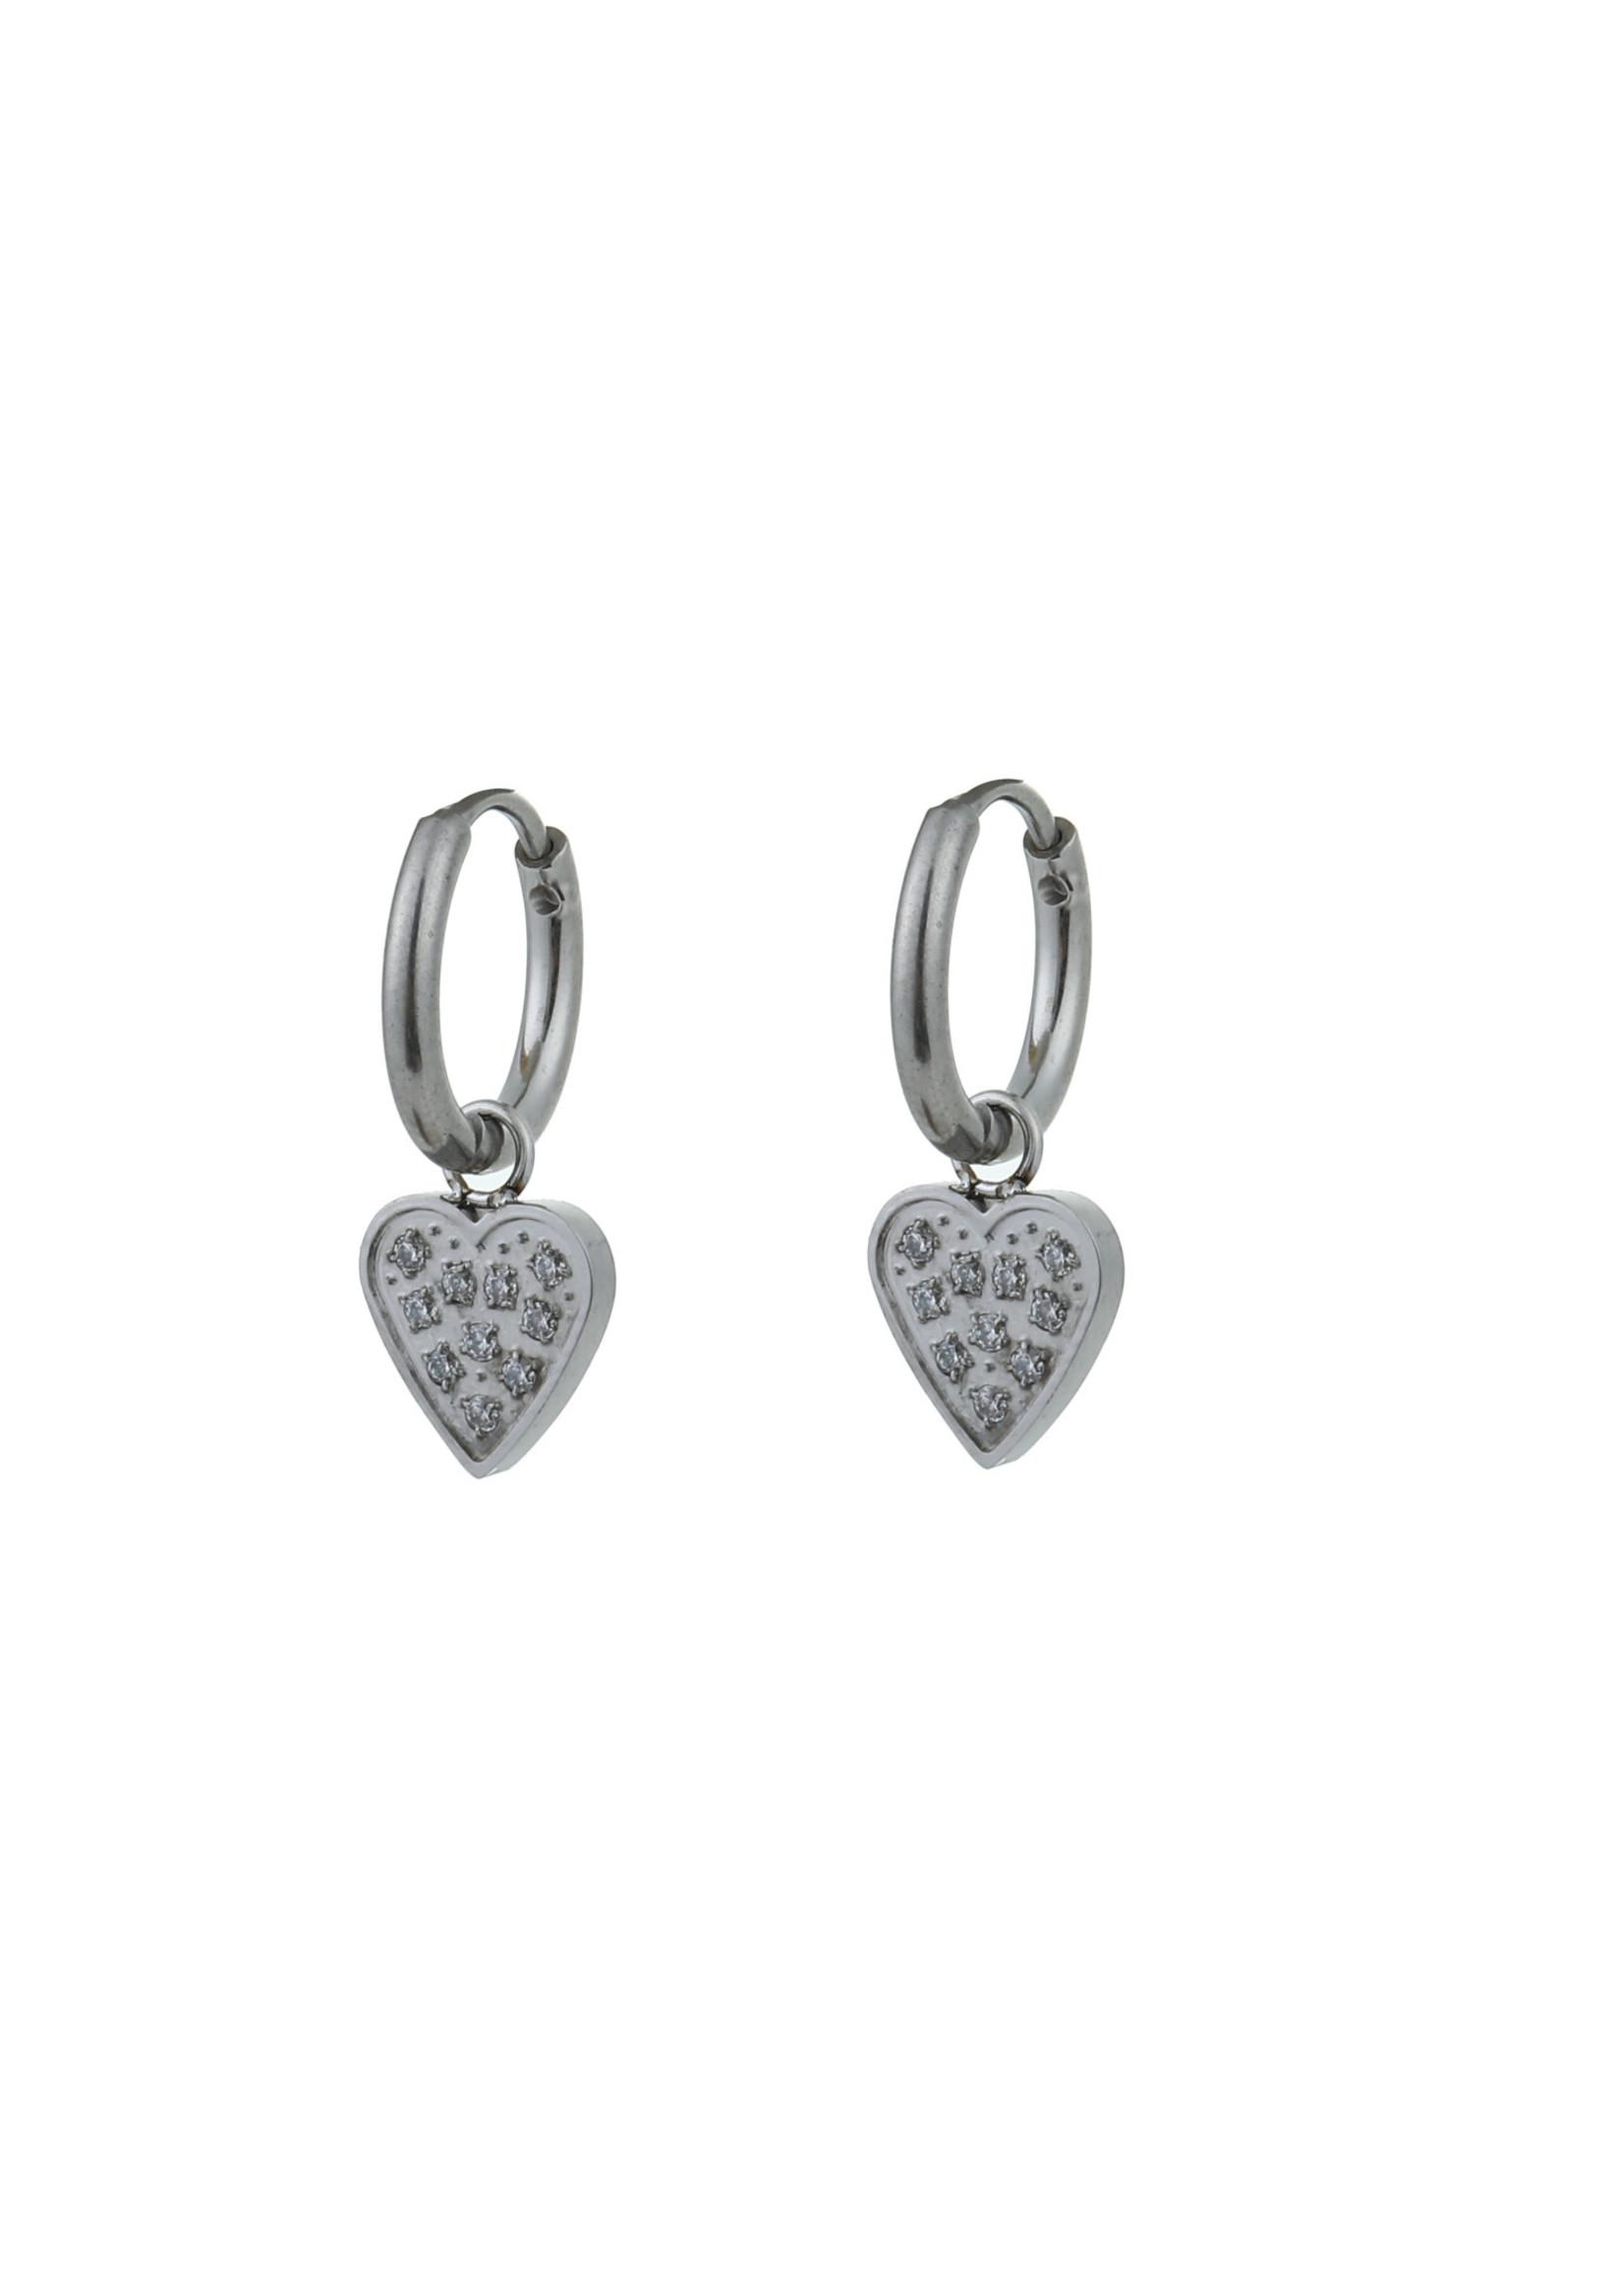 Oorbel zilver hanger hartje met steentjes E0786-1